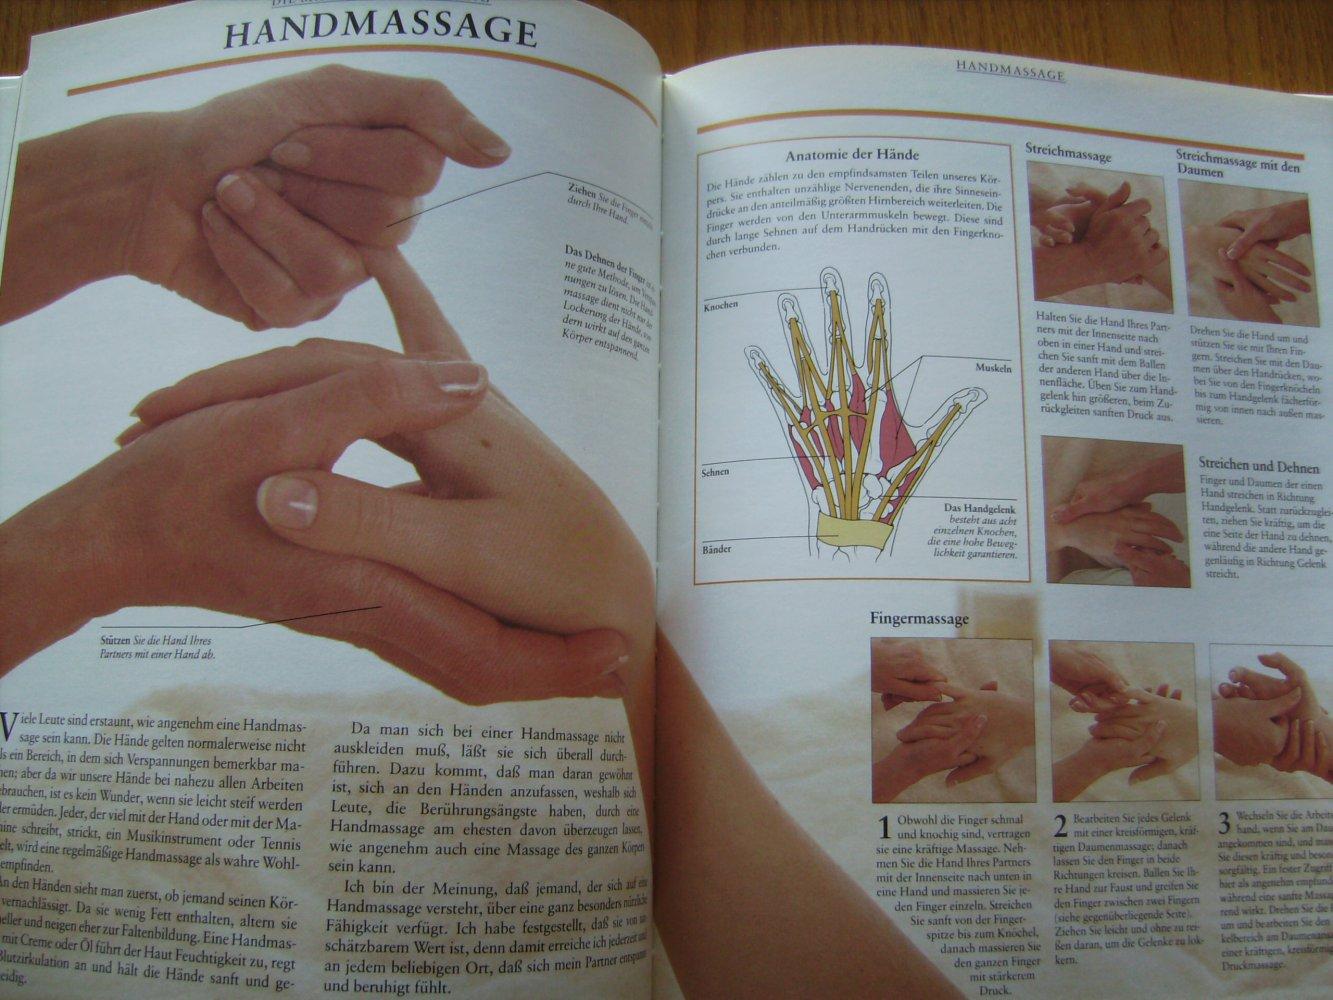 Massage, Hand- Kopf-, Gesichts- und Körpermassage, Druckpunkte ...